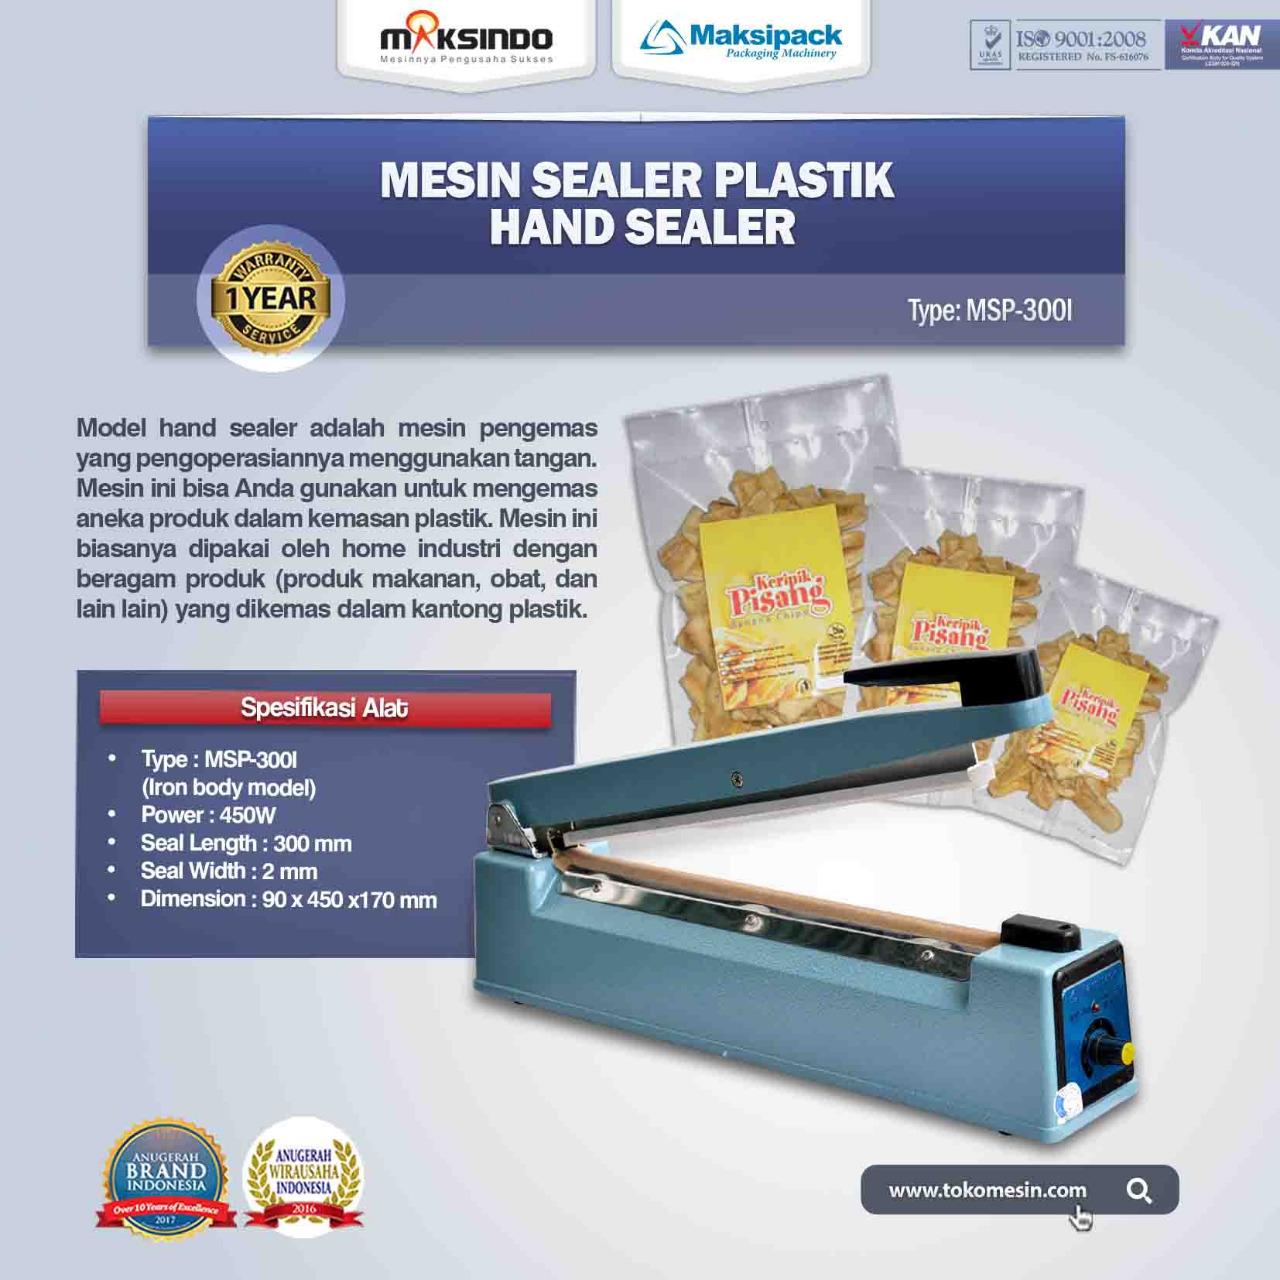 Jual Mesin Sealer Plastik Hand Sealer (MSP-300I) Di Bekasi